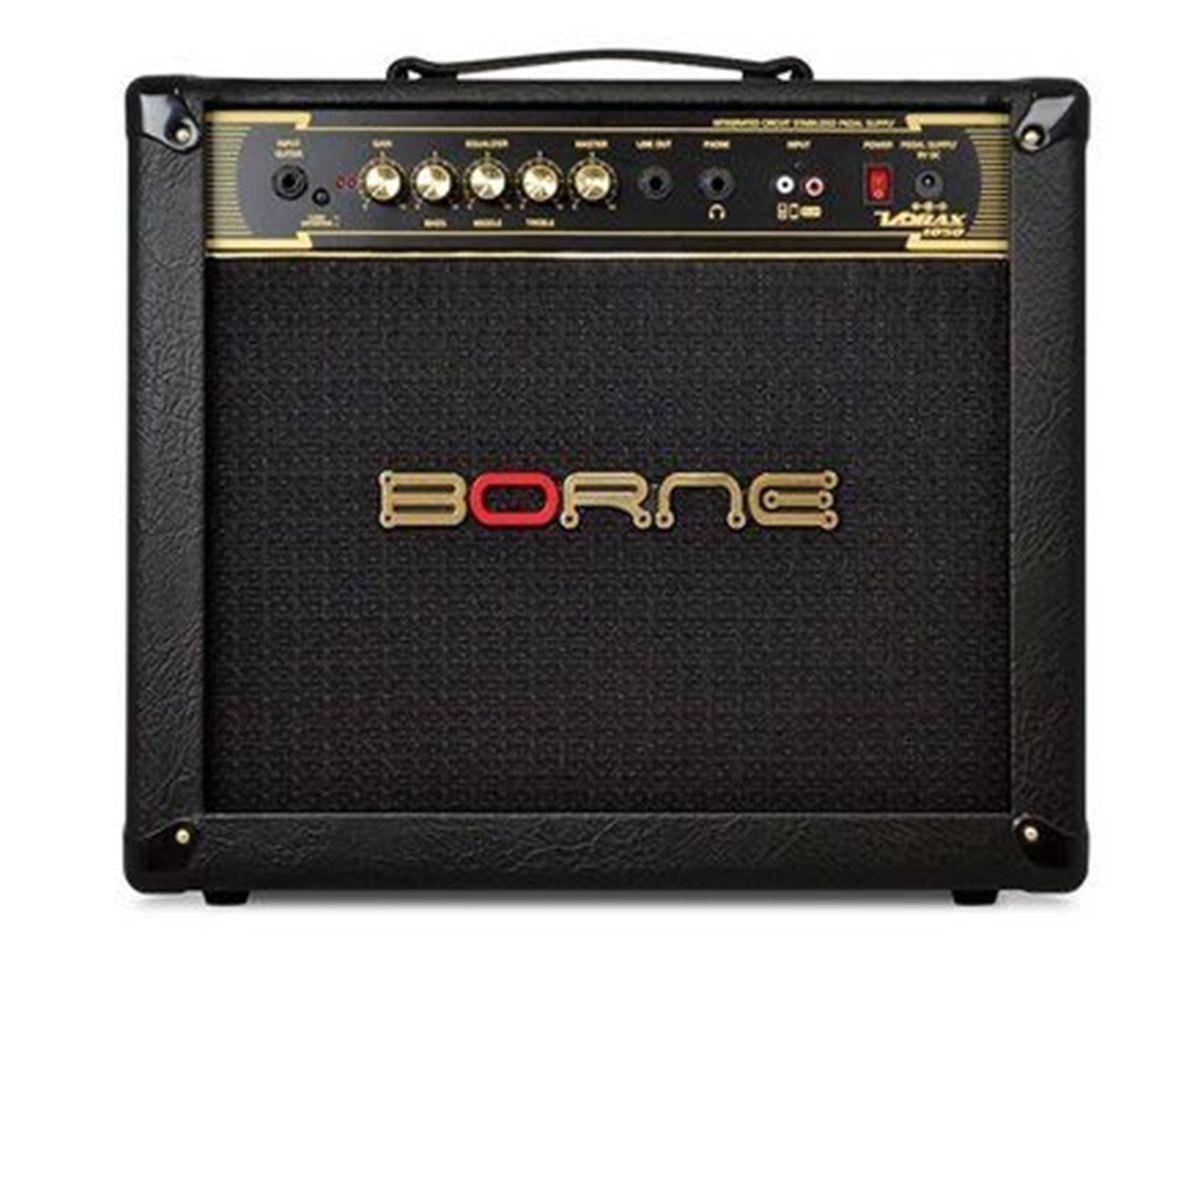 Amplificador para Guitarra Borne Vorax 1050 50W